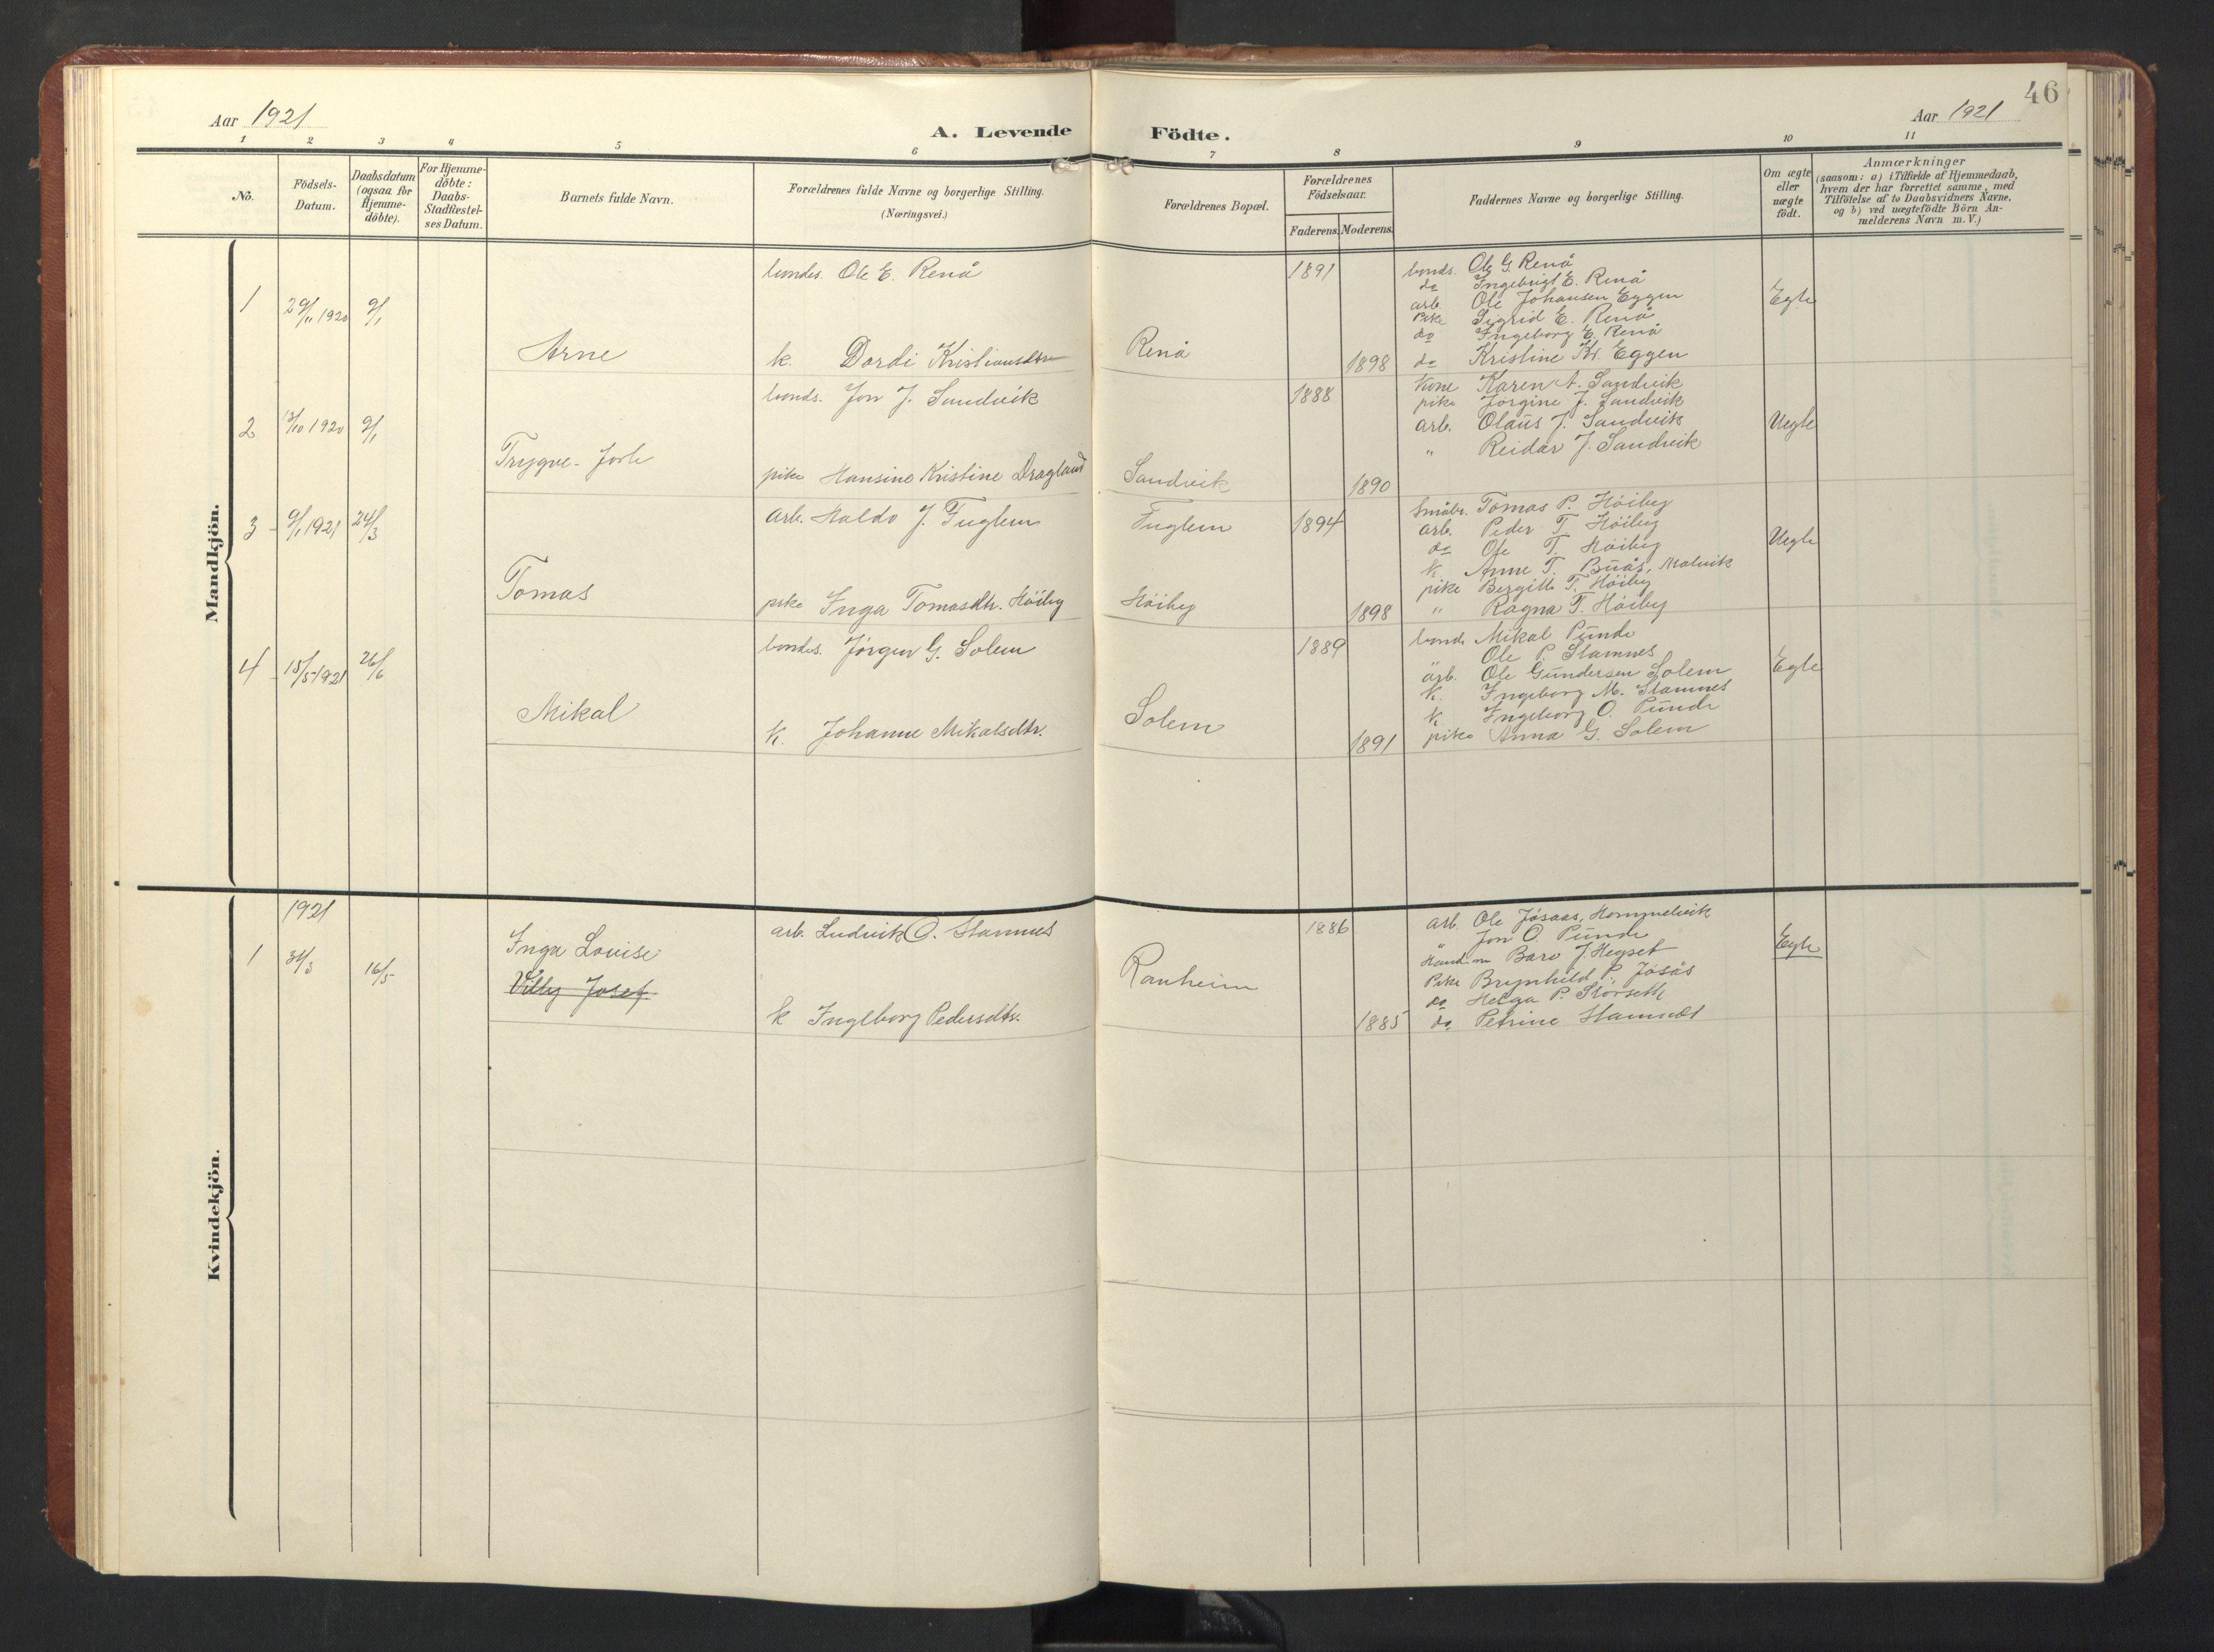 SAT, Ministerialprotokoller, klokkerbøker og fødselsregistre - Sør-Trøndelag, 696/L1161: Klokkerbok nr. 696C01, 1902-1950, s. 46